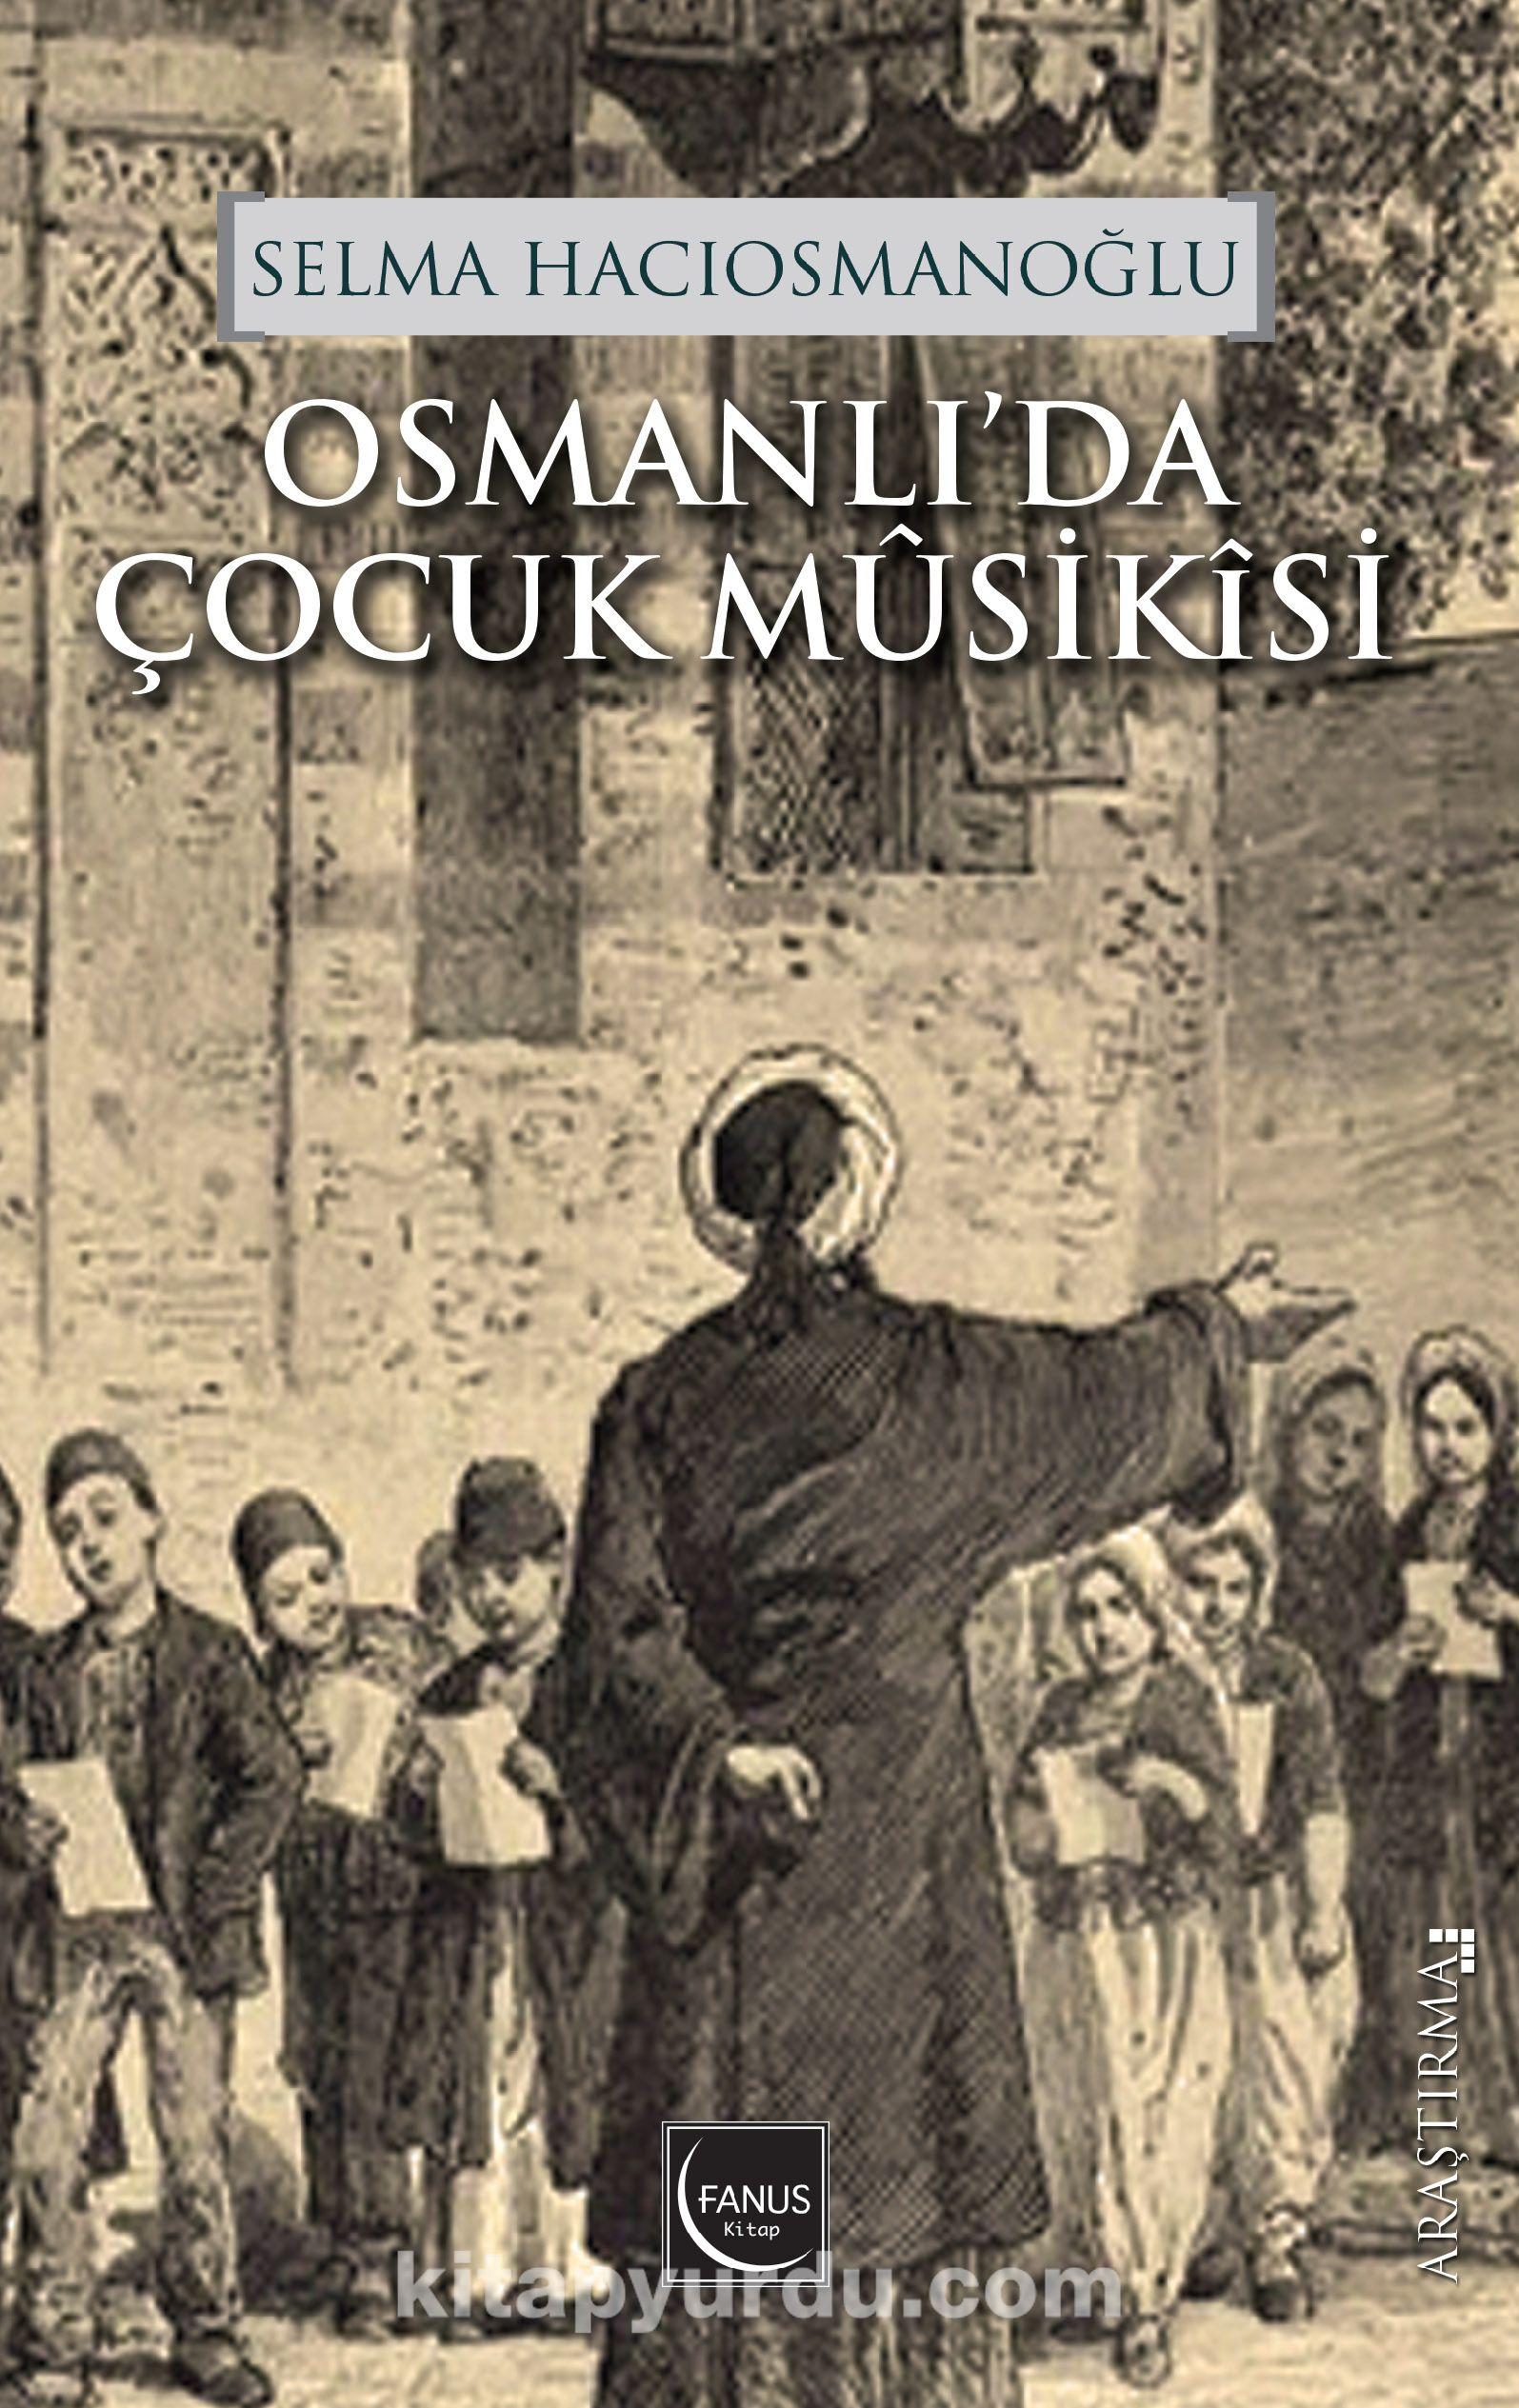 Osmanlı'da Çocuk Musikisi - Selma Hacıosmanoğlu pdf epub